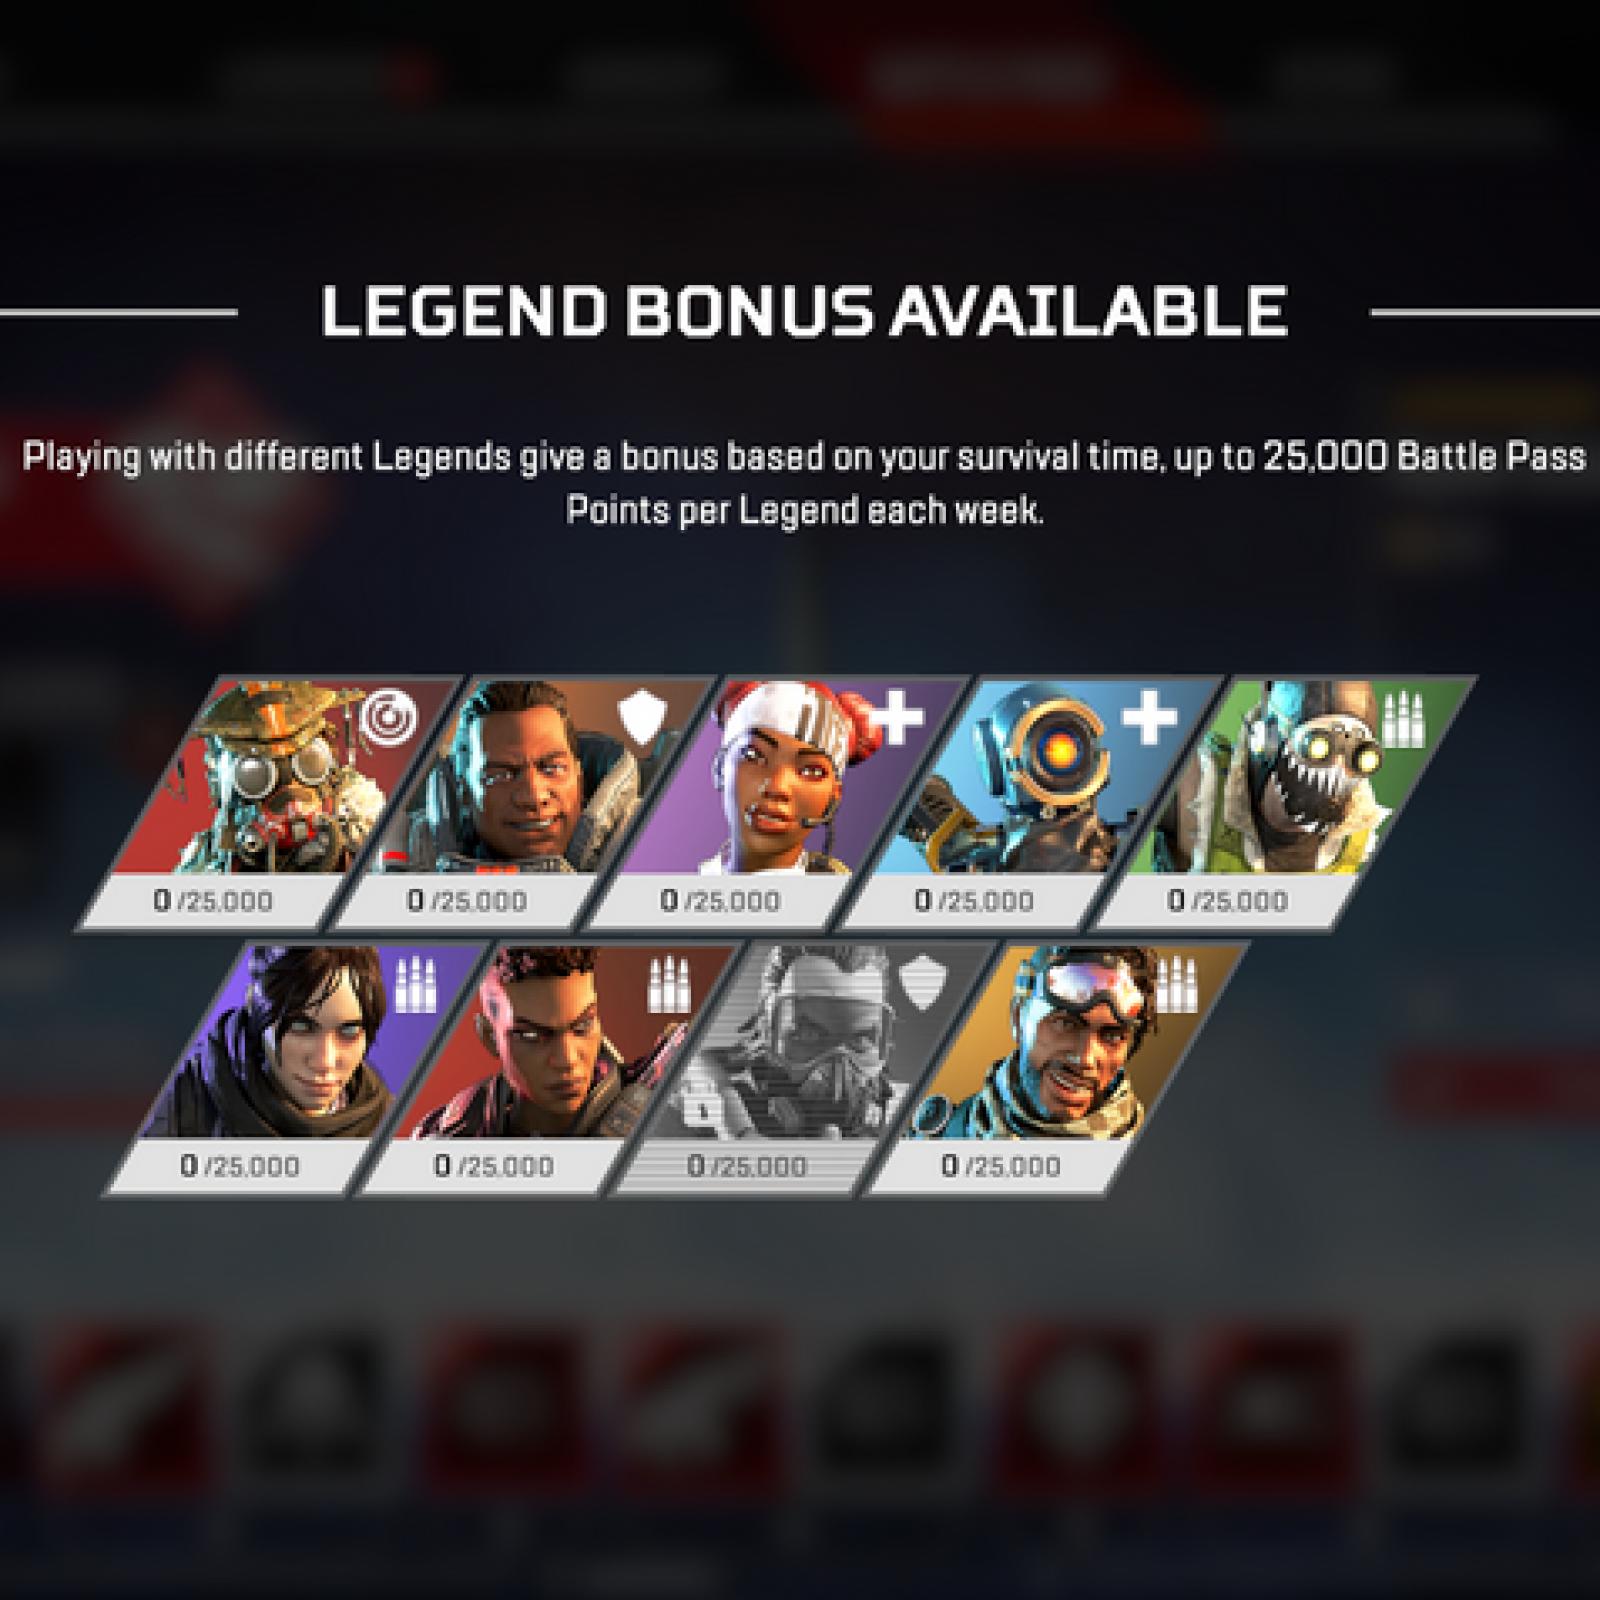 Apex Legends' Legends Bonus Guide: Understanding the New Battle Pass